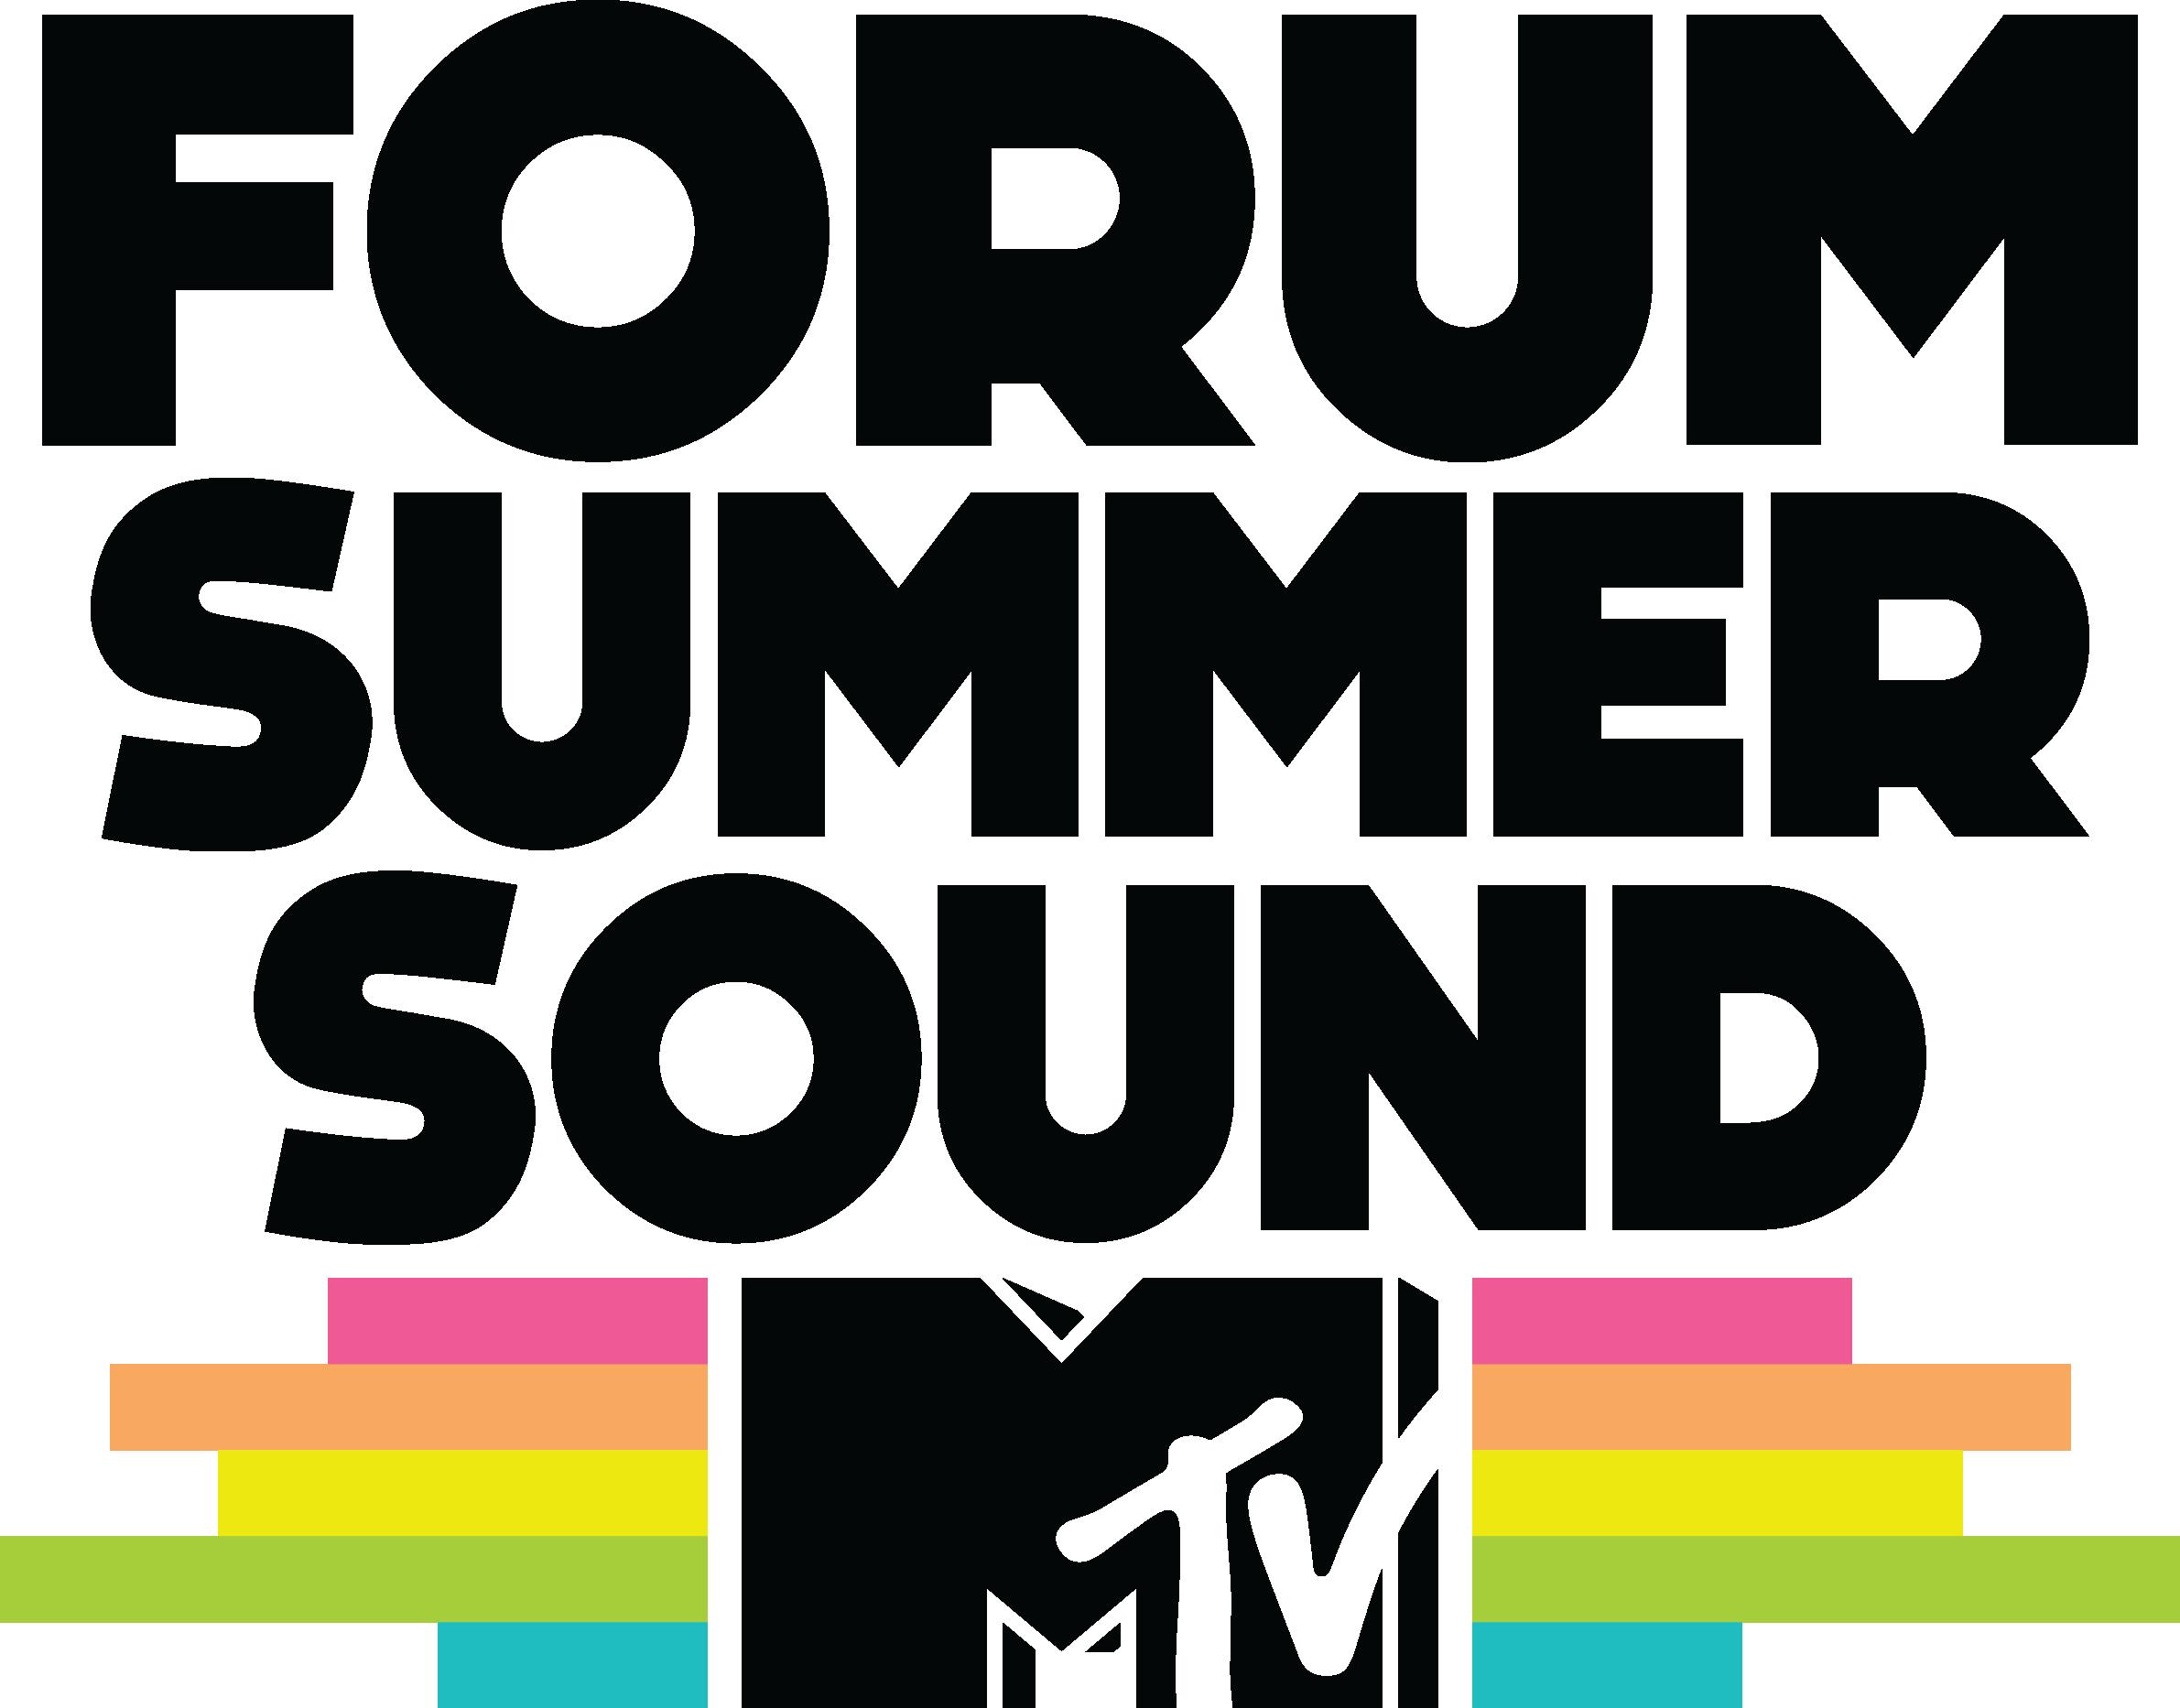 MTV Forum Summer Sound (Logo)